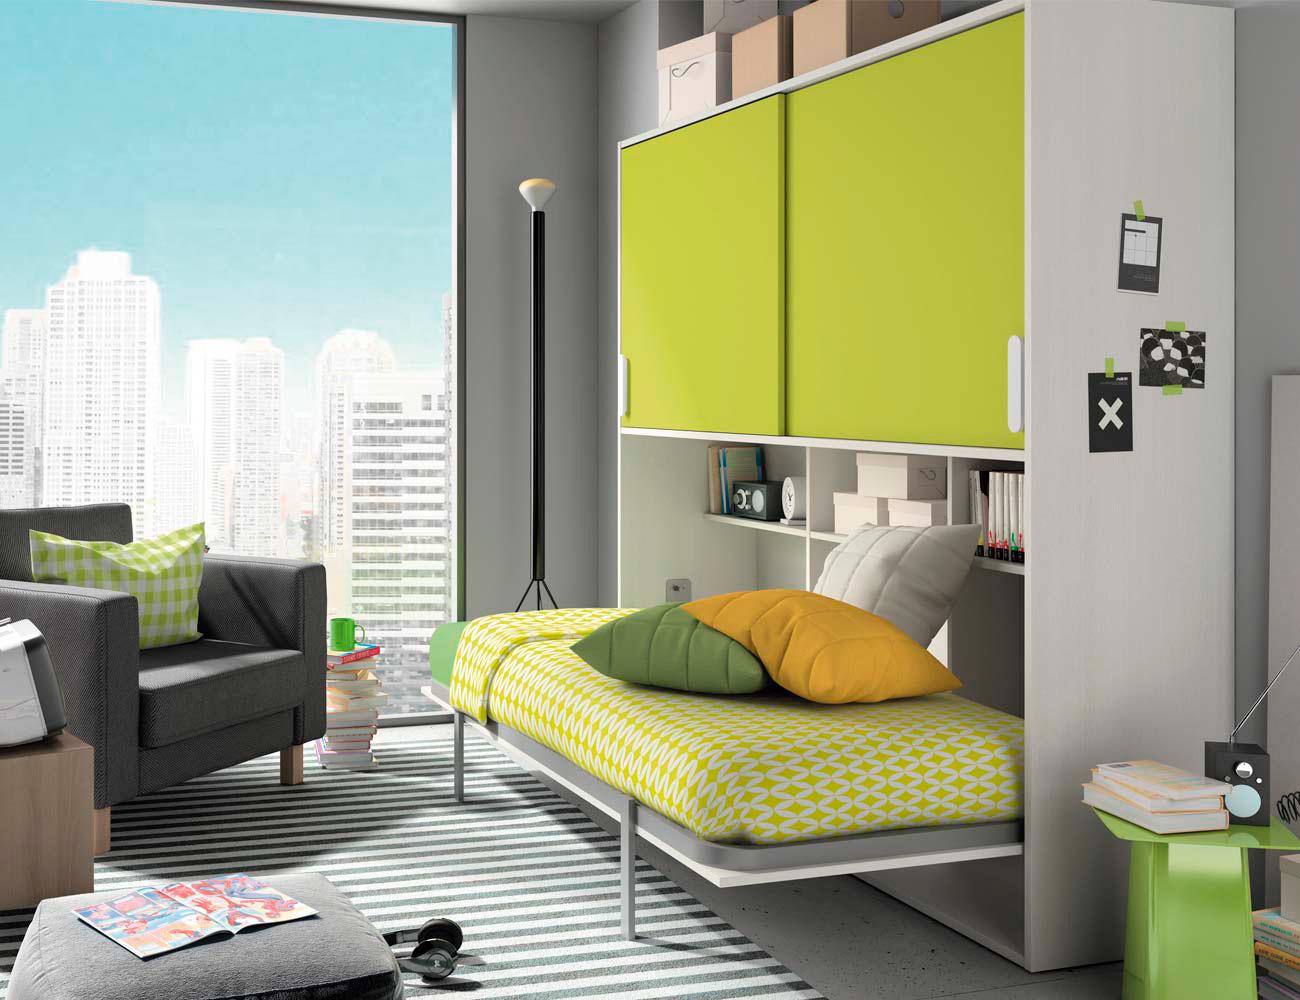 Composicion 307 dormitorio juvenil blanco kiwi1